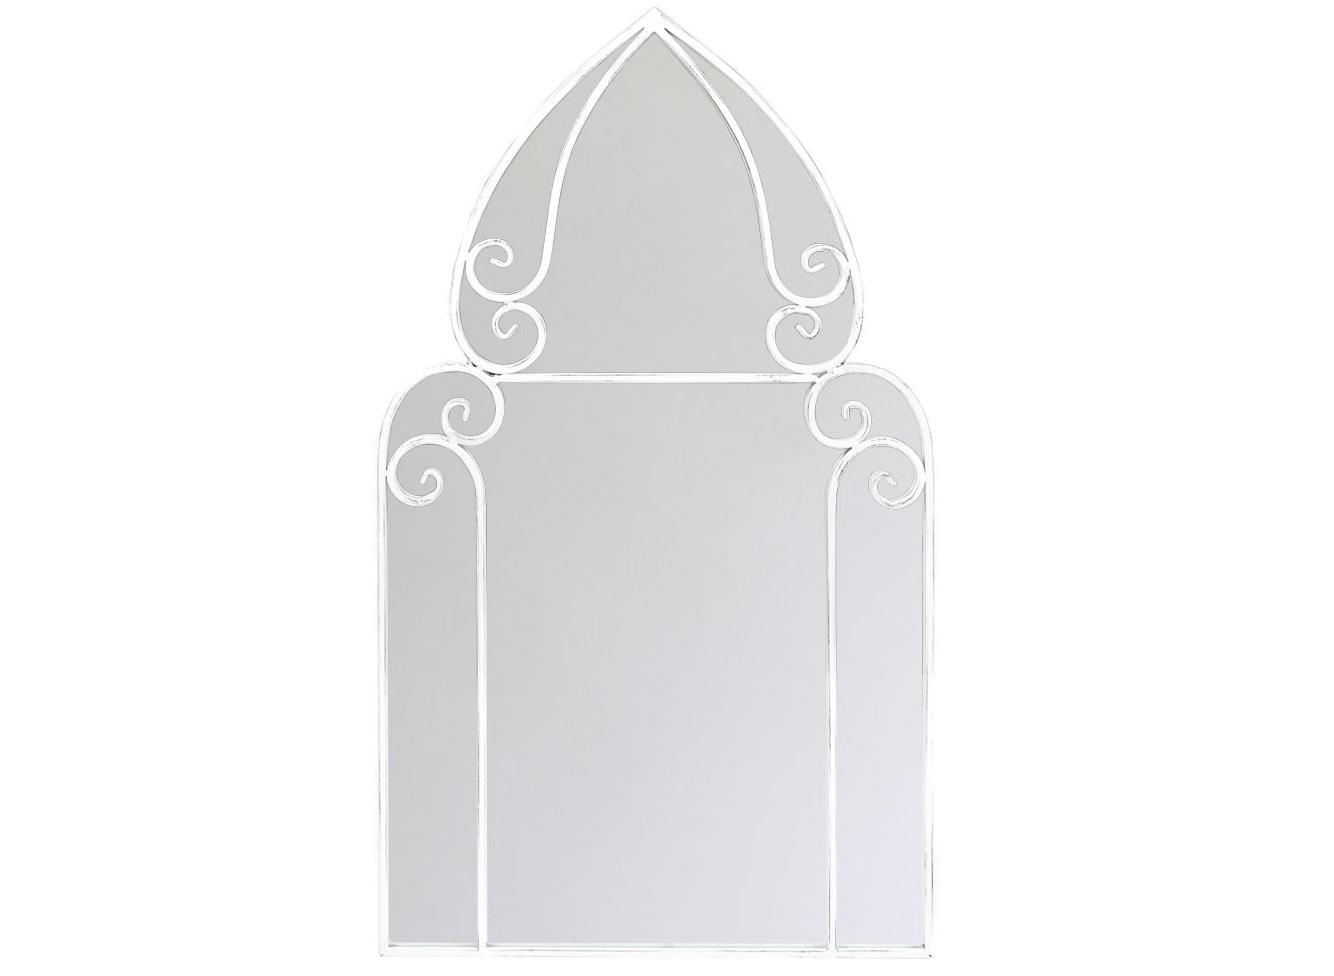 Настенное зеркало ЖерминальНастенные зеркала<br>Кружевное плетение и  зеркала &amp;quot;Жерминаль&amp;quot; открывают помещению волну свежести и простора. Элегантный салонный имидж подчеркнут силуэтом романтичного шатра. Романский классицизм в ритмичной аранжировке современного &amp;quot;лофта&amp;quot; адаптирует этот дизайн в любом интерьерном окружении. Особый комплимент - любителям аристократичного стиля &amp;quot;ар-деко. Зеркало покрыто серебряной амальгамой, обладает идеально ровной поверхностью, не боится влаги. Металлические рамы прочны, долговечны и неприхотливы в уходе.<br><br>Material: Металл<br>Width см: 54<br>Depth см: 3<br>Height см: 93